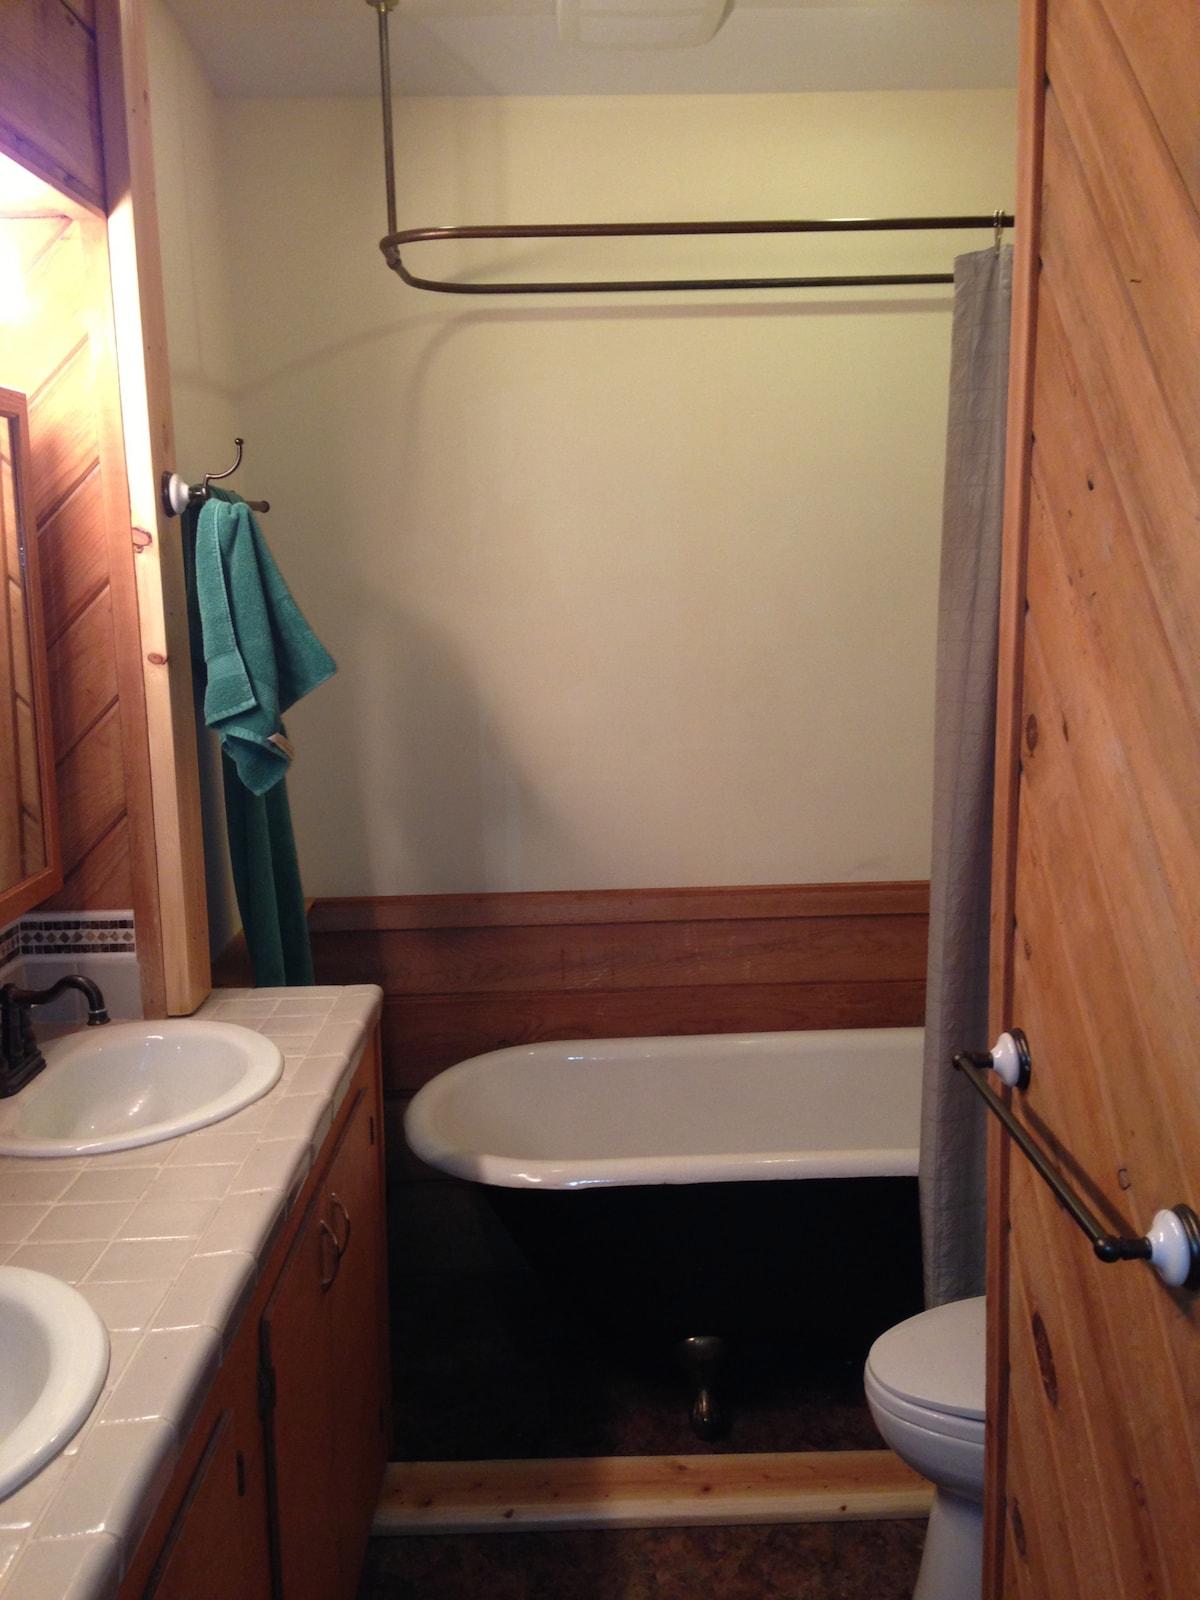 Clawfoot bathtub. Shower. Dual Sinks.